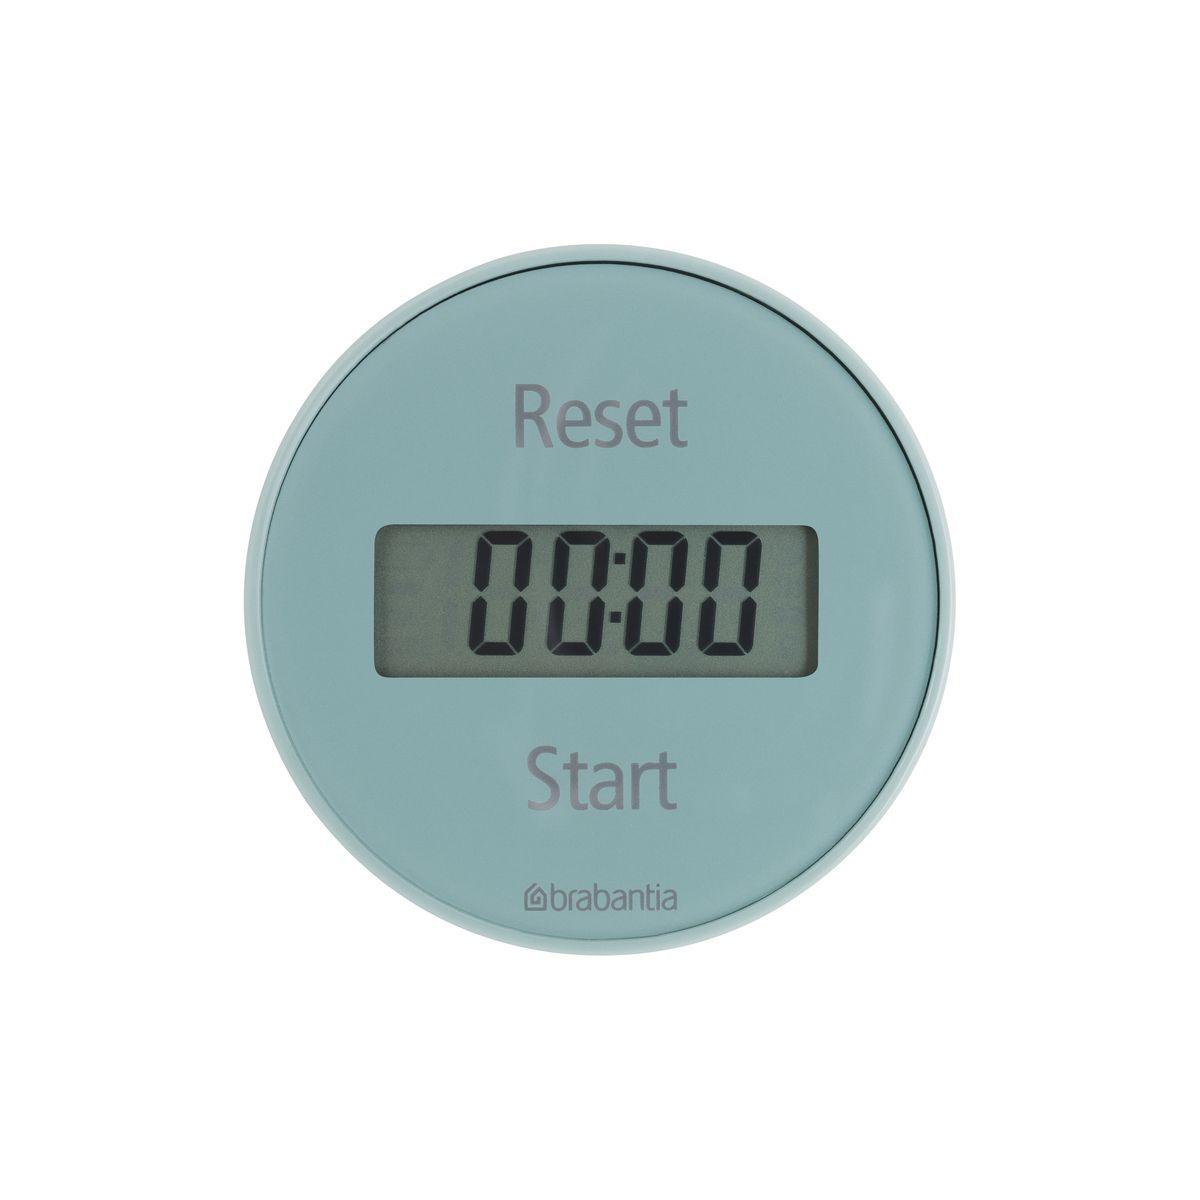 Таймер кухонный Brabantia, цвет: голубой, 99 минут103728Кухонный таймер Brabantia - незаменимый аксессуар для приготовления блюд. Корпус выполнен из высокопрочного пластика ярких цветов. Таймер имеет прямой и обратный отсчет в диапазоне до 99 минут. Установить время очень легко: просто поверните внешнее кольцо прибора и установите время, необходимое для приготовления вашего любимого блюда. Звуковой сигнал известит вас о готовности. Стильный дизайн и качество исполнения сделают таймер Brabantia ярким акцентом в интерьере вашей кухни. Таймер удобно и легко крепится при помощи магнита. Работает от одной батарейки типа CR2032 (входит в комплект). Диаметр корпуса: 7,5 см. Толщина корпуса: 2,2 см.